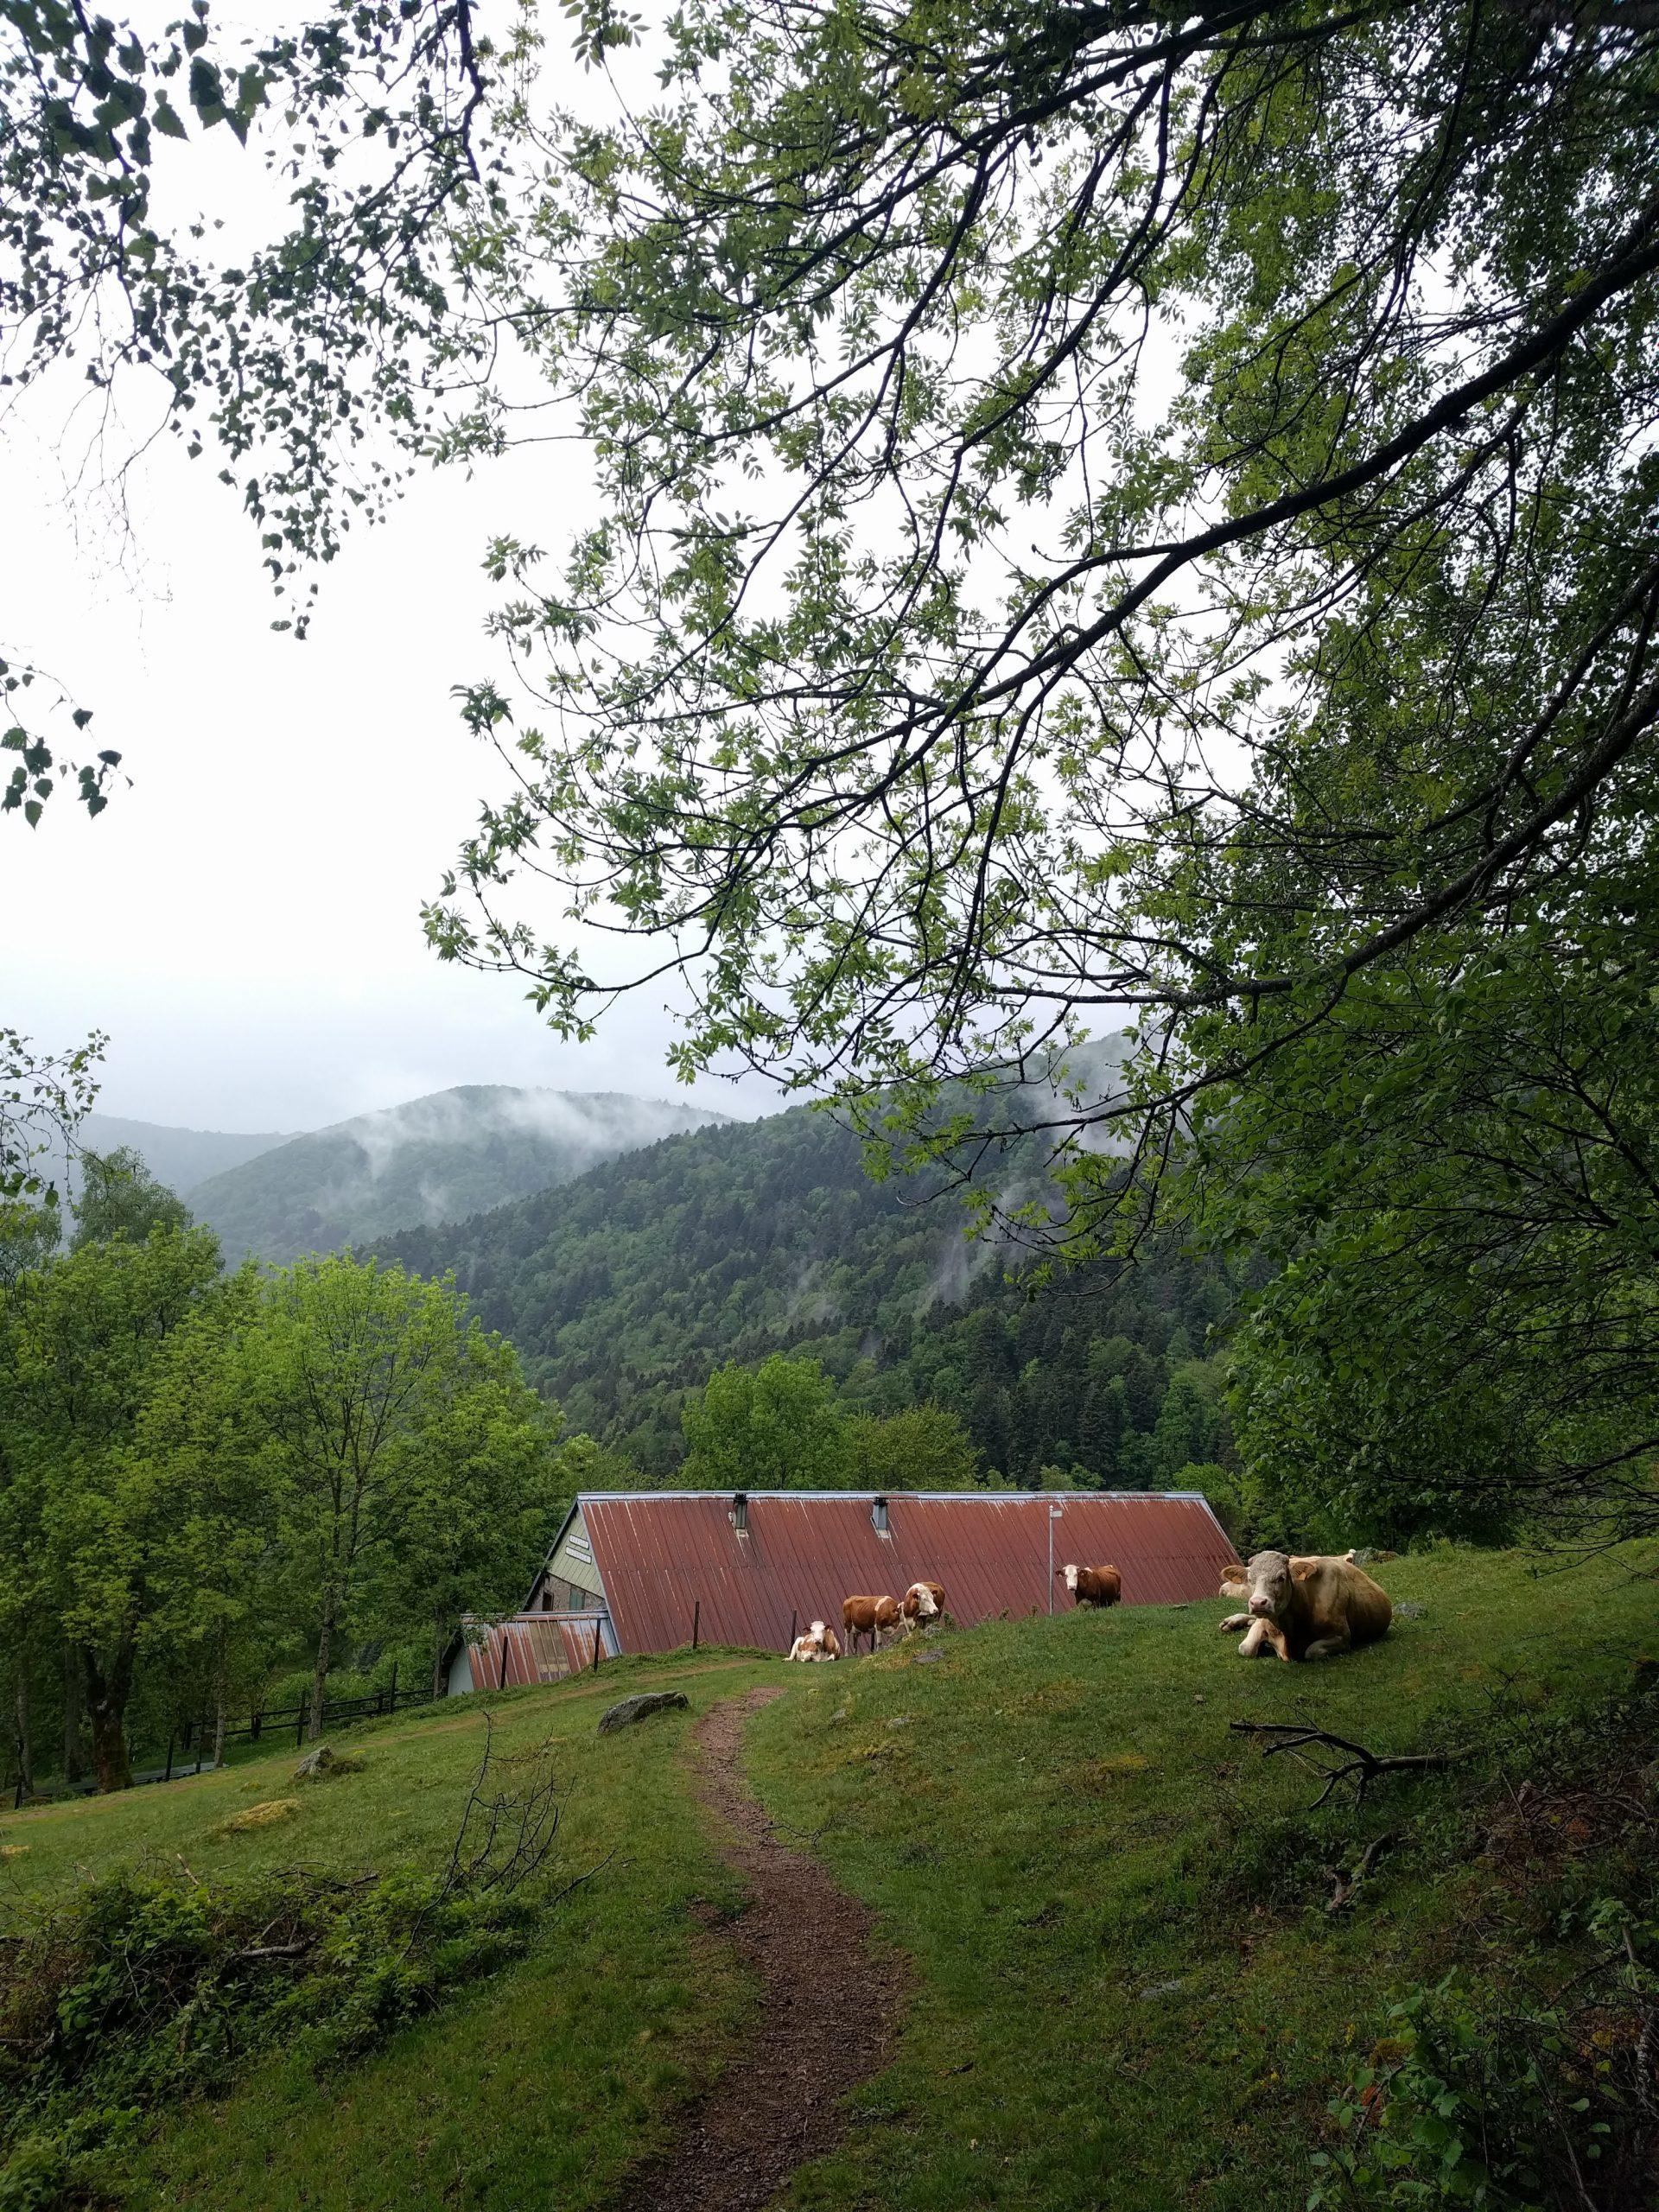 L'arrière du refuge d'Issenbach dans les Vosges et des vaches en pâturage